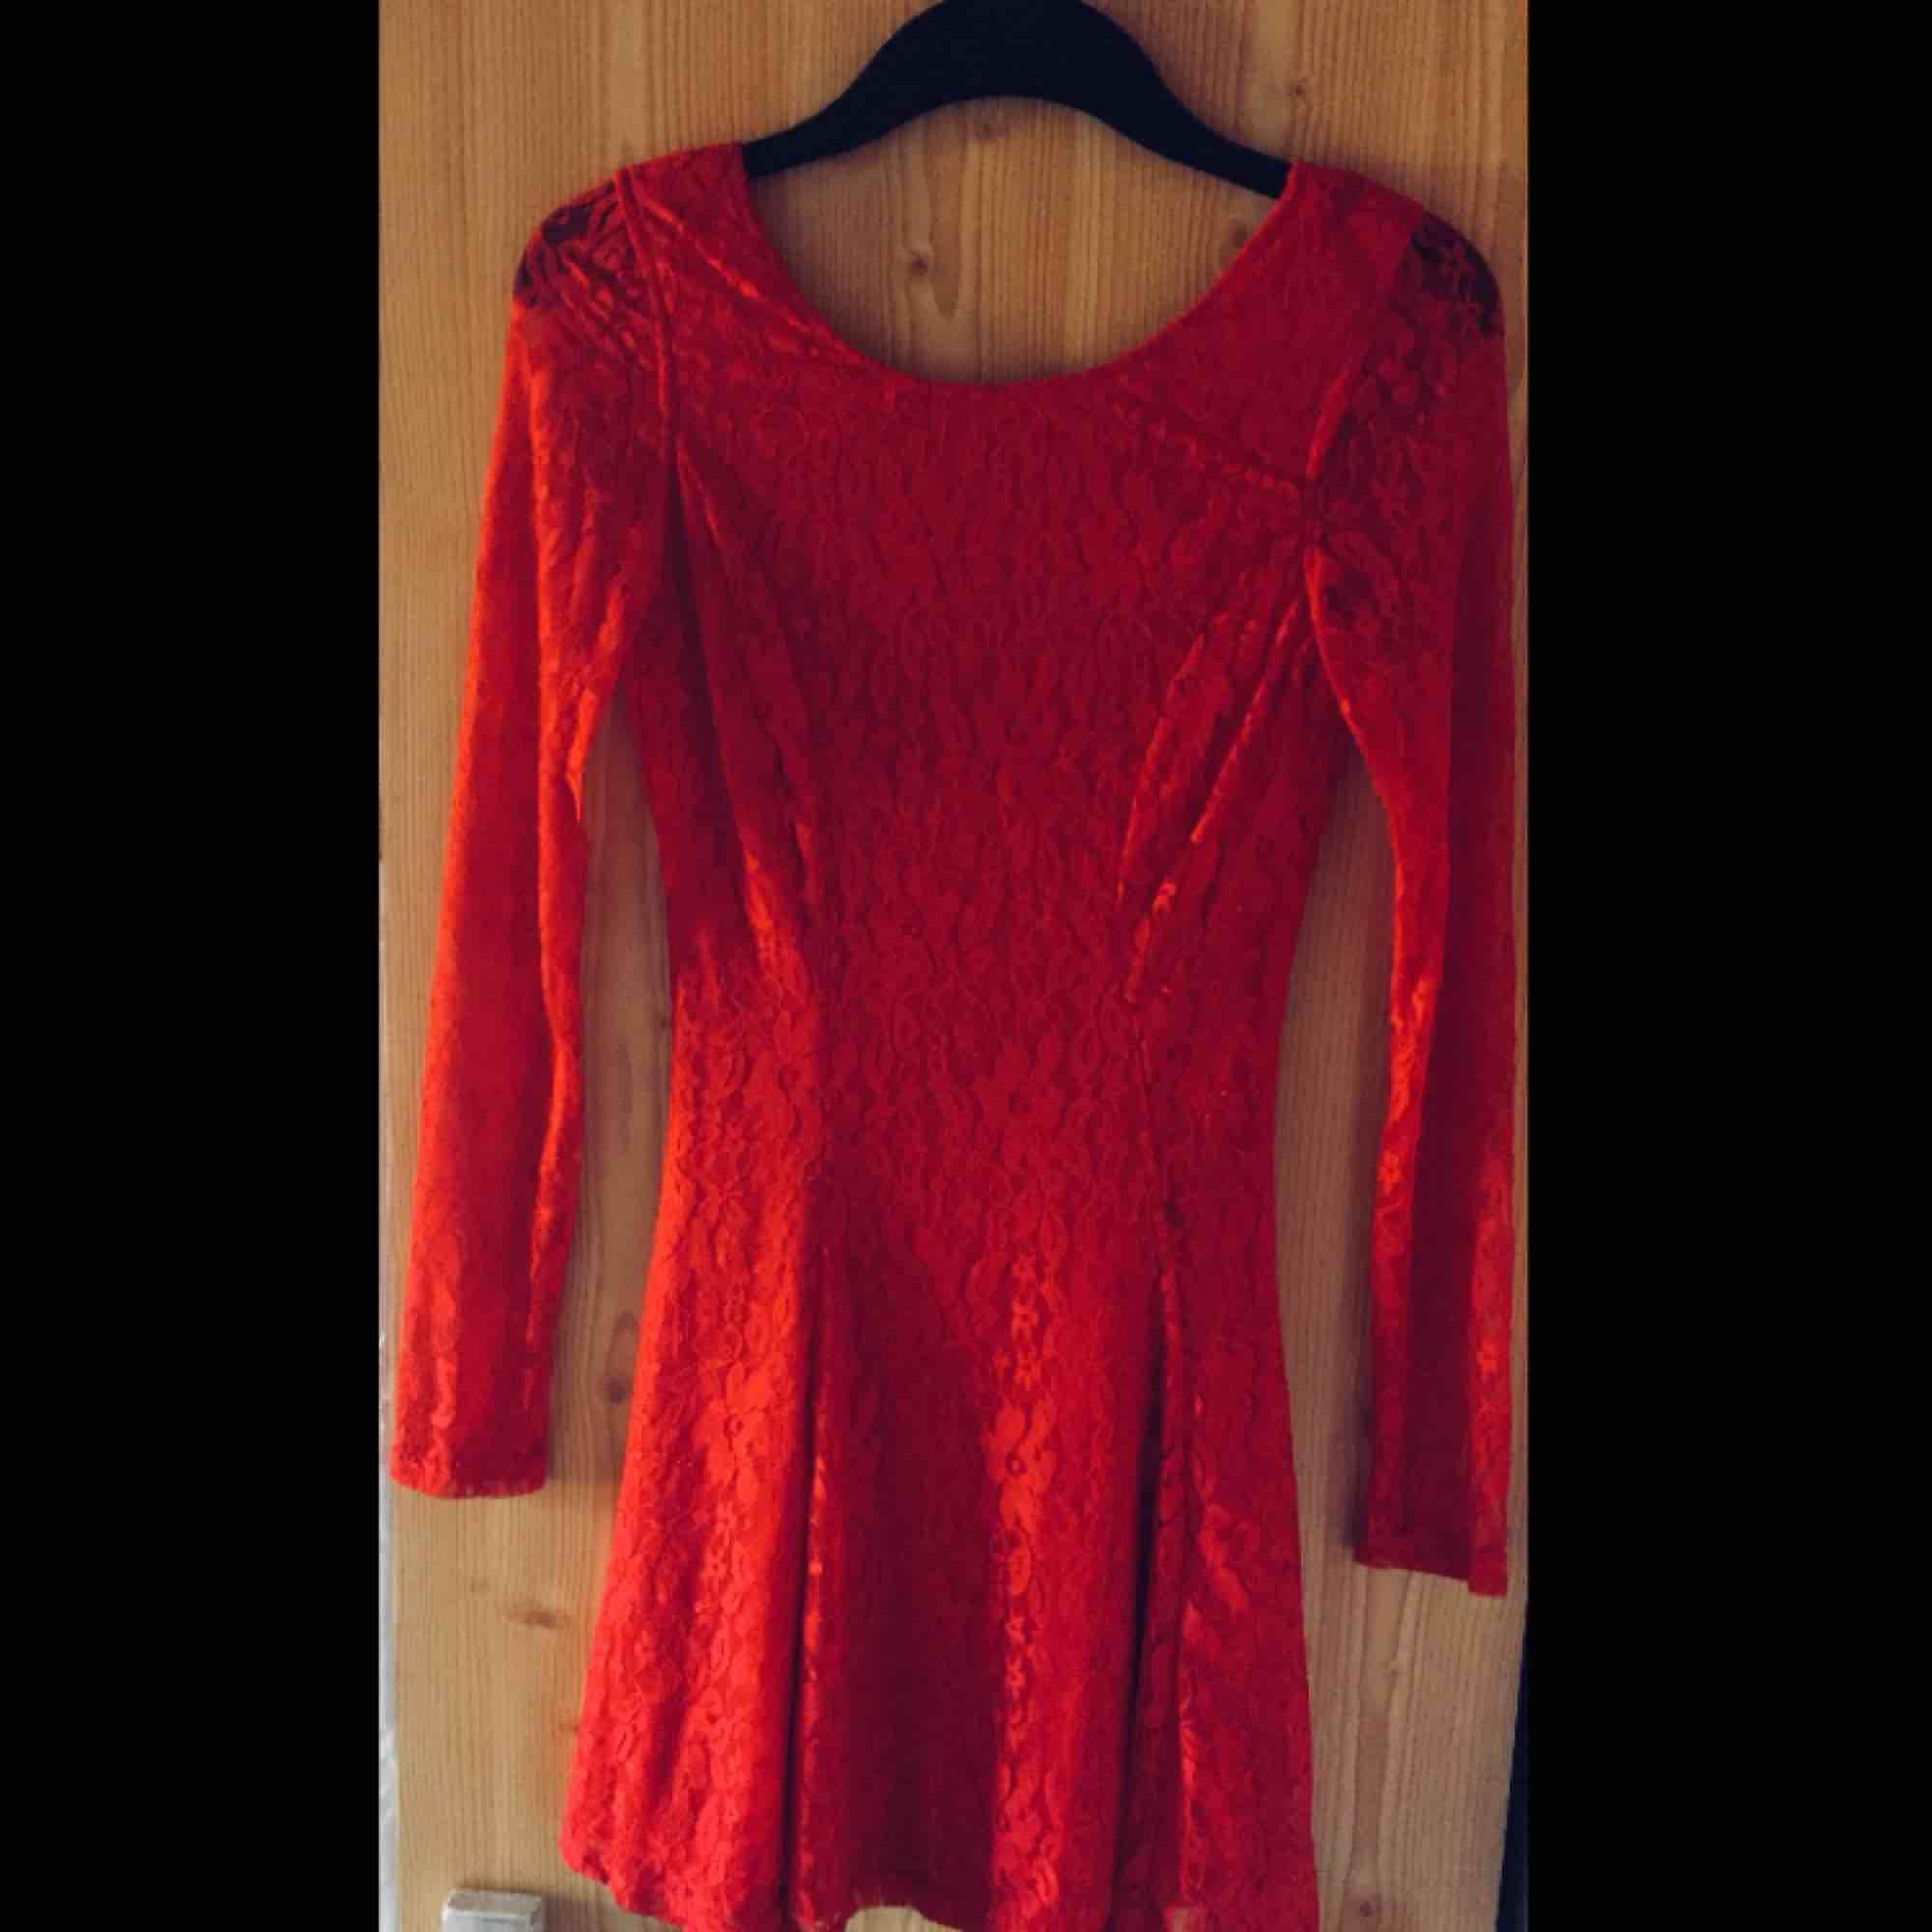 a47d67960026 Oanvänd röd spetsklänning med öppen rygg. Sitter åt i midjan och går ut  nedtill.